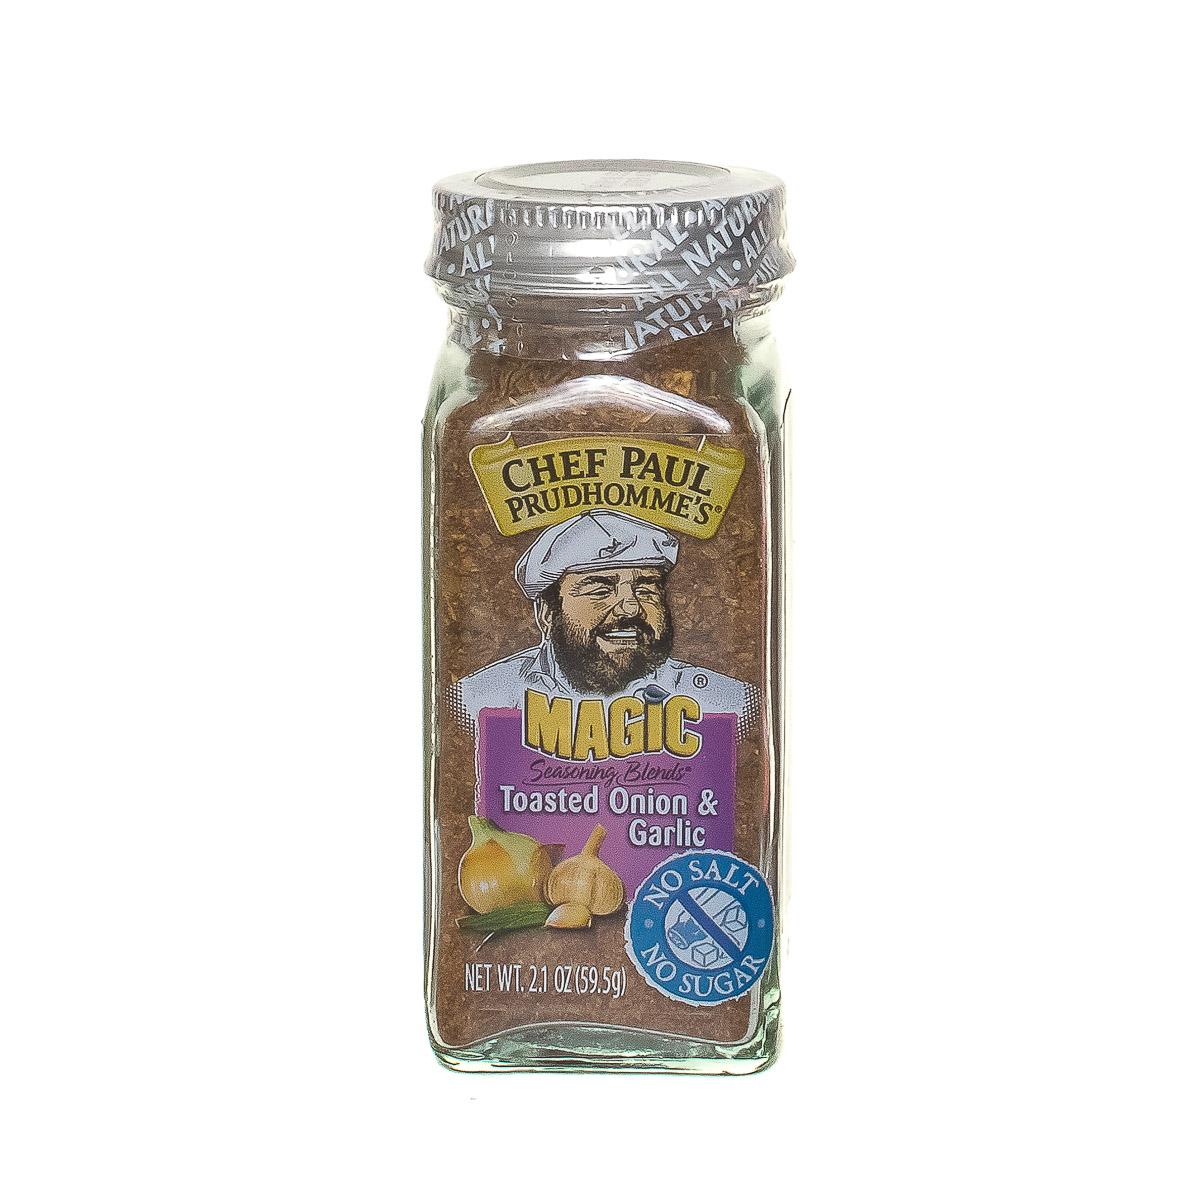 Toasted Onion & Garlic Magic (Cebola e Alho)